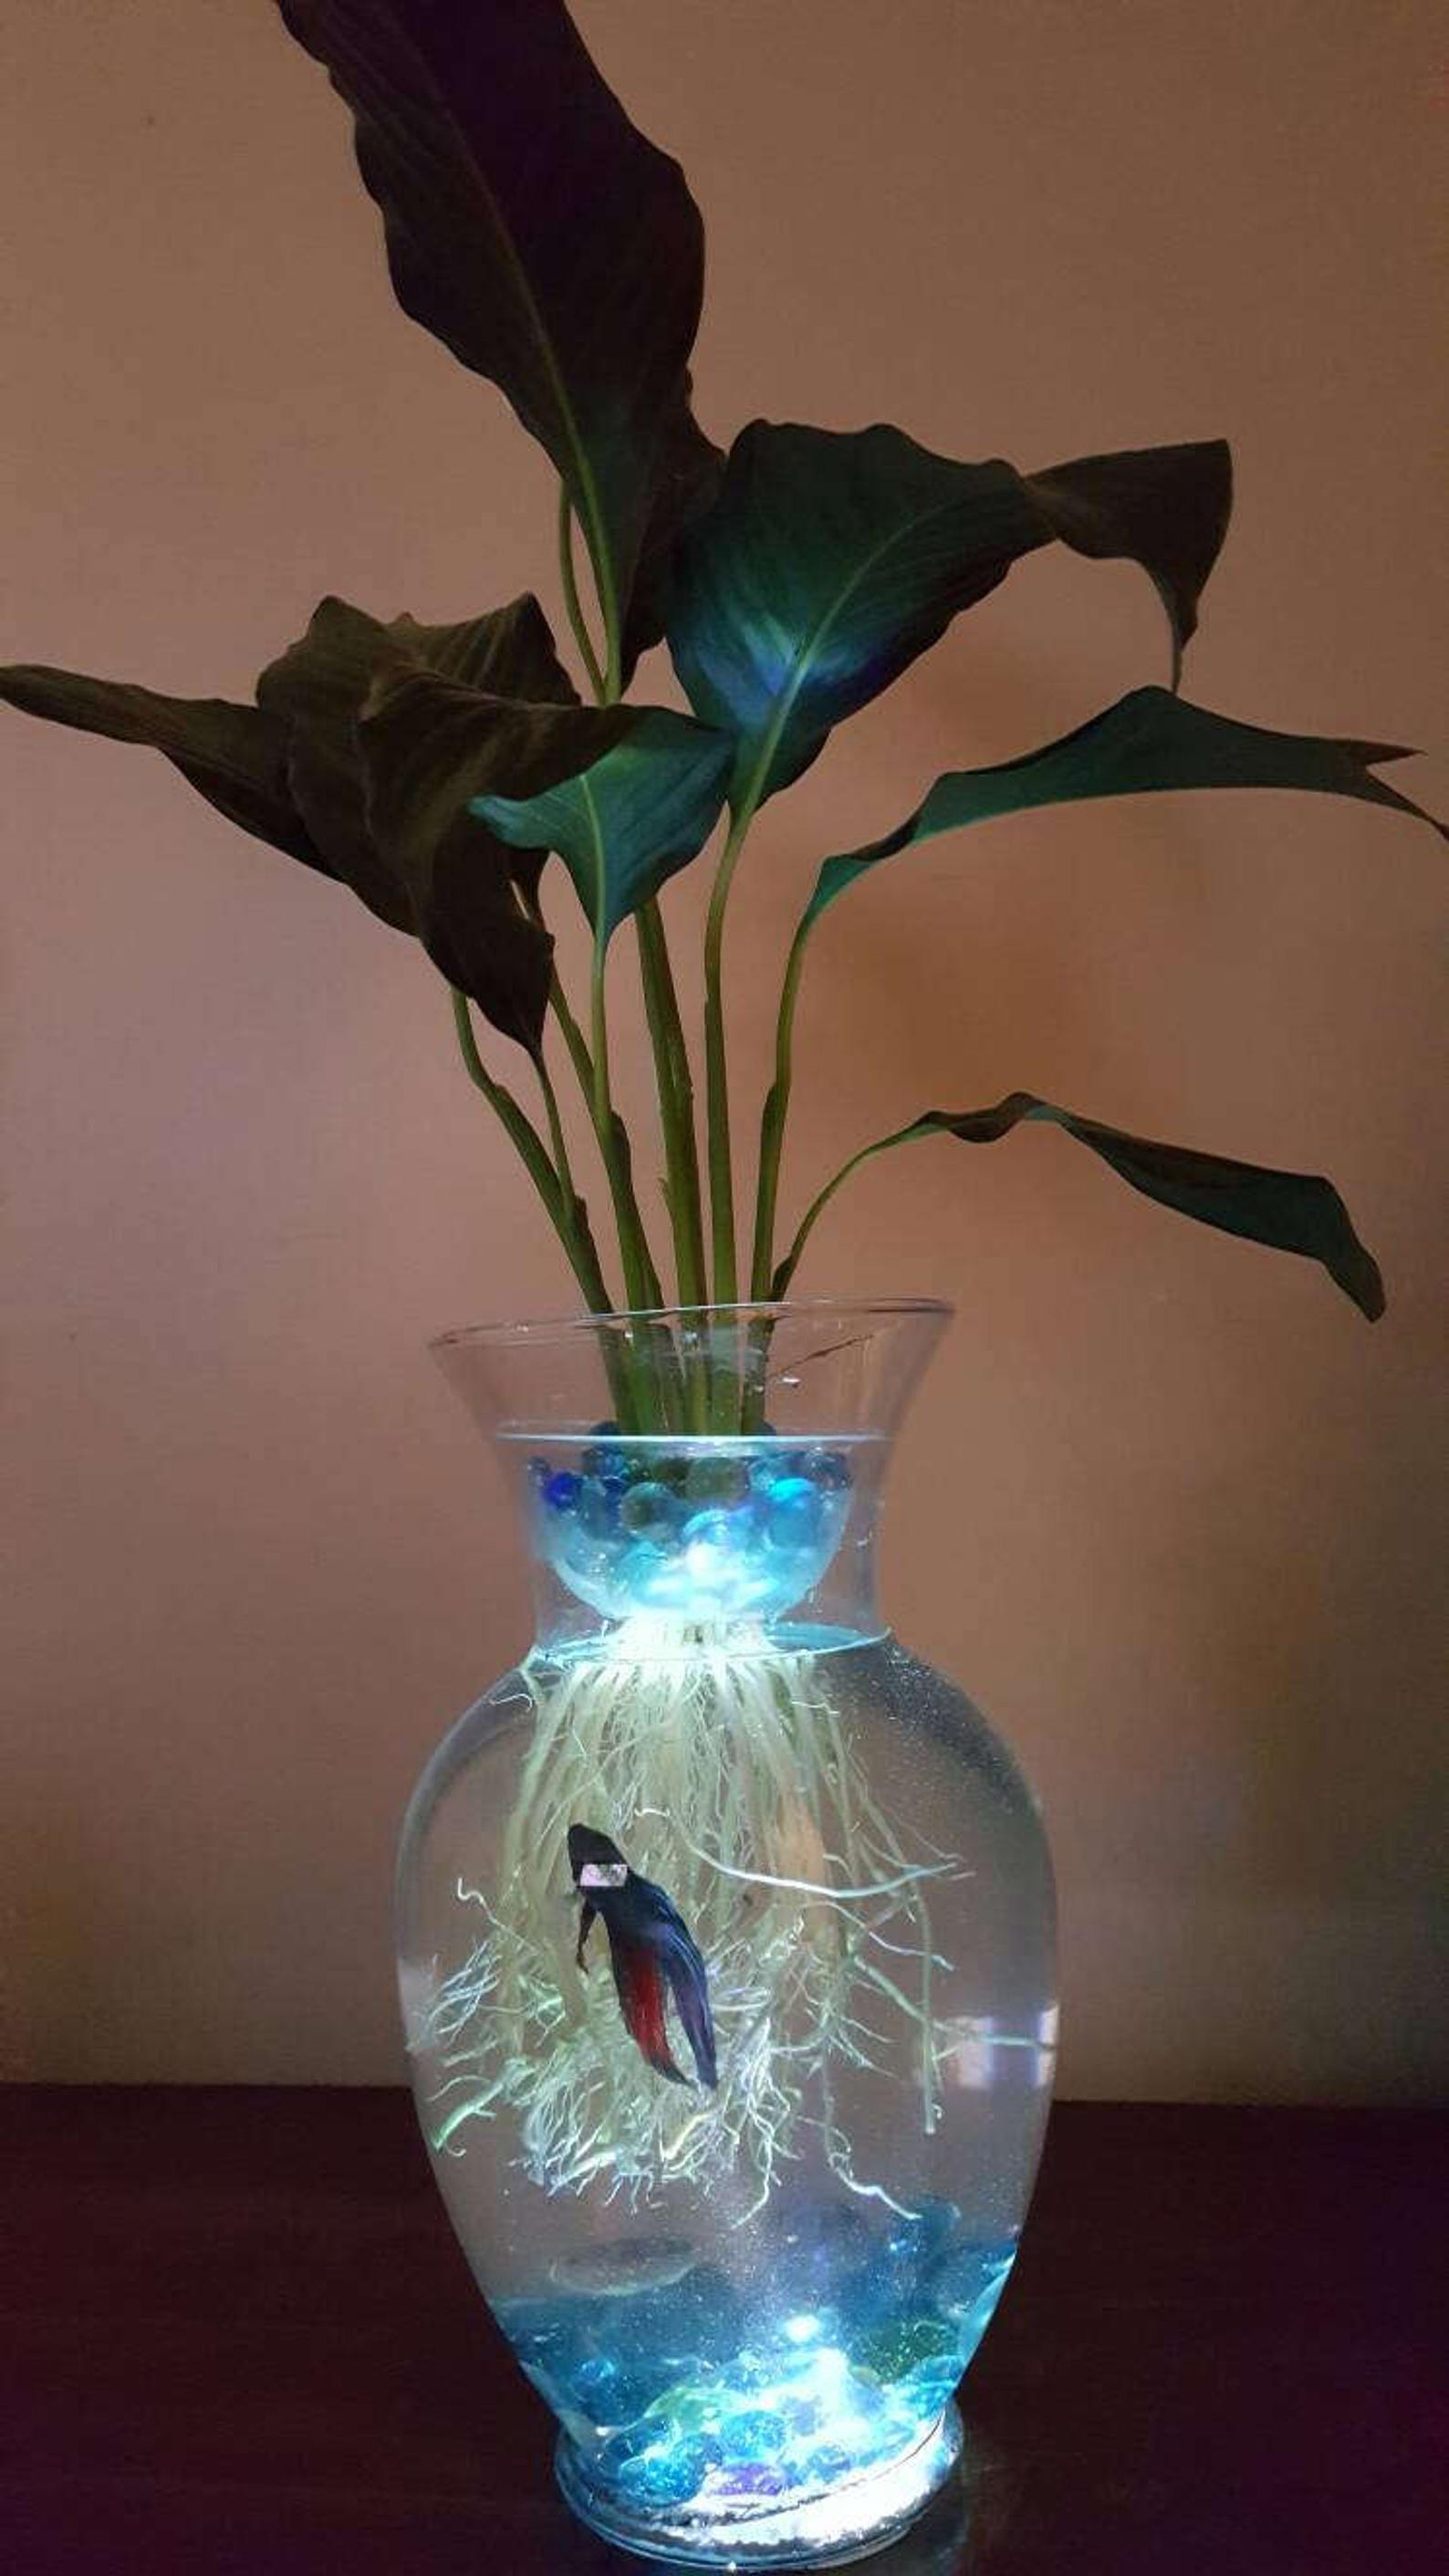 Piante Da Appartamento Per Acquario.Beta Fish Tank With Live Peace Lily Lighted Symbiotic And